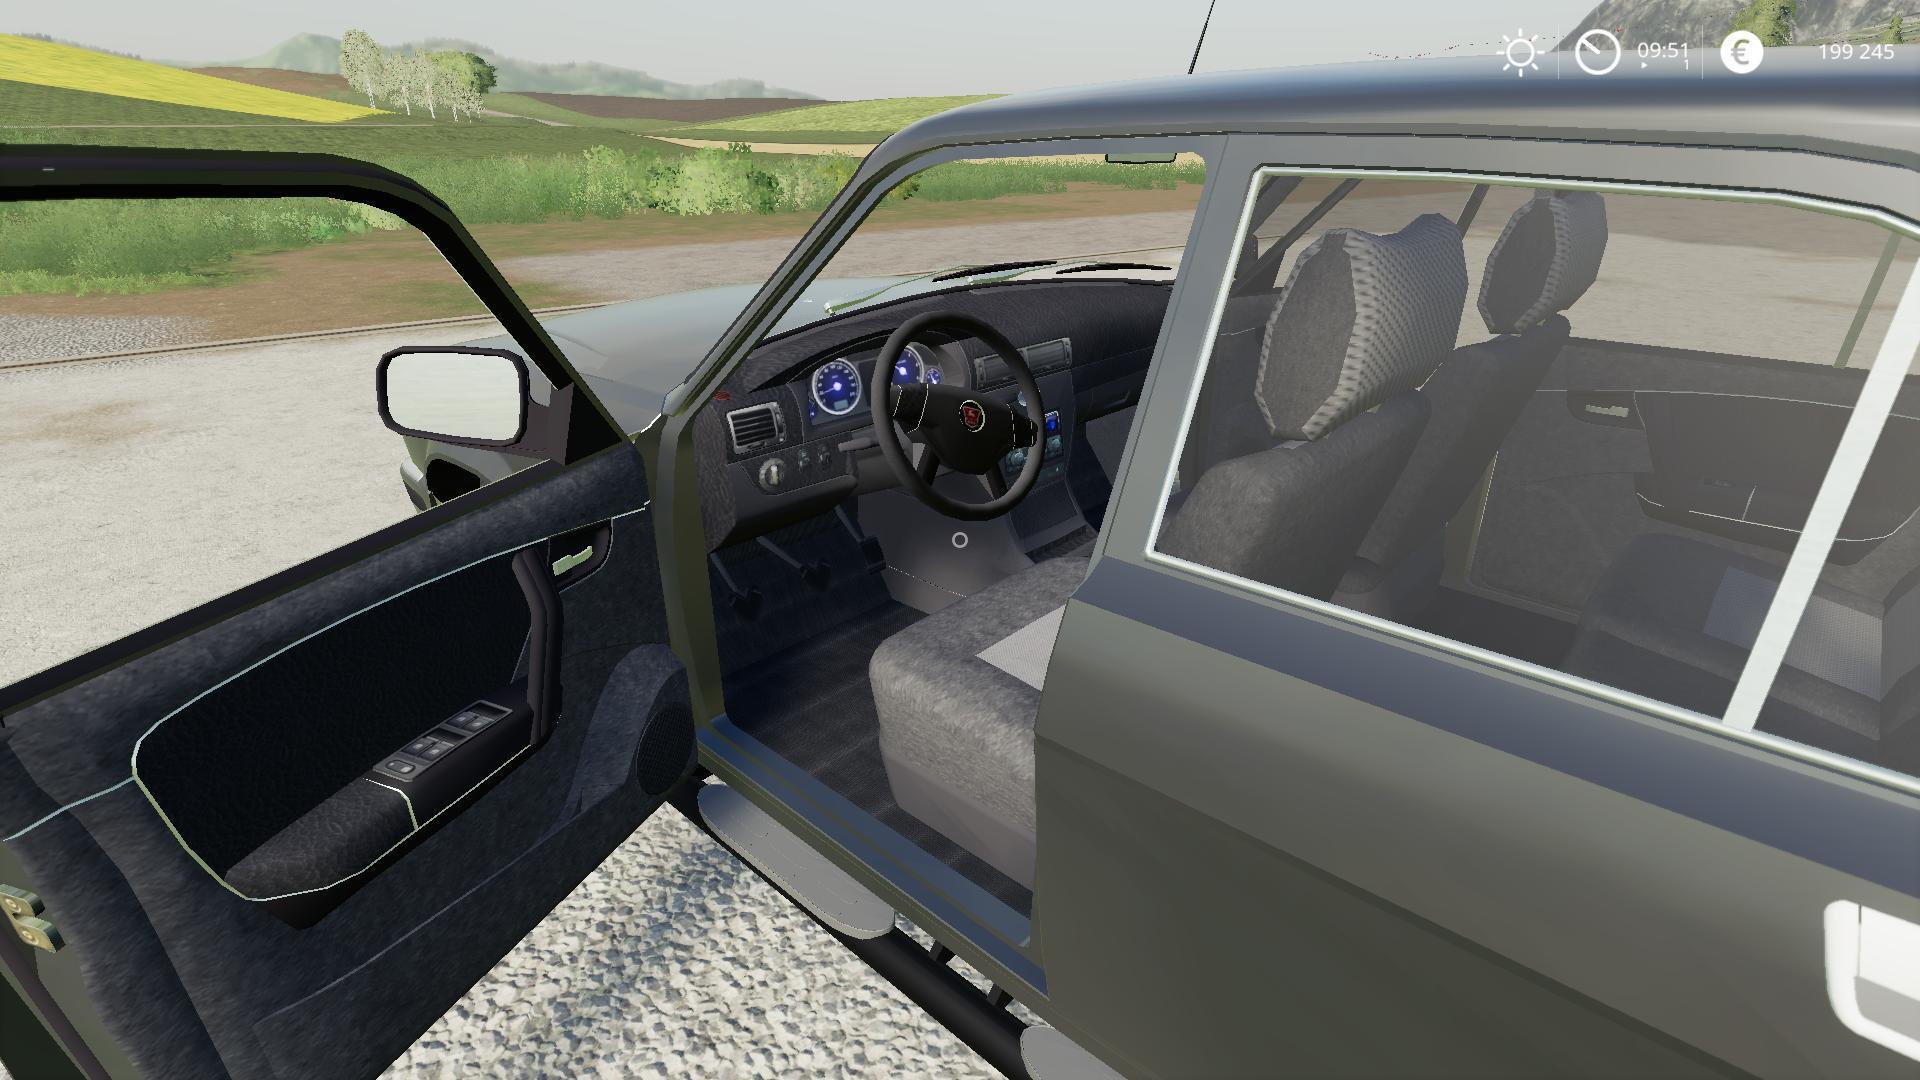 FS19 - Gaz 31105 Volga V1.0